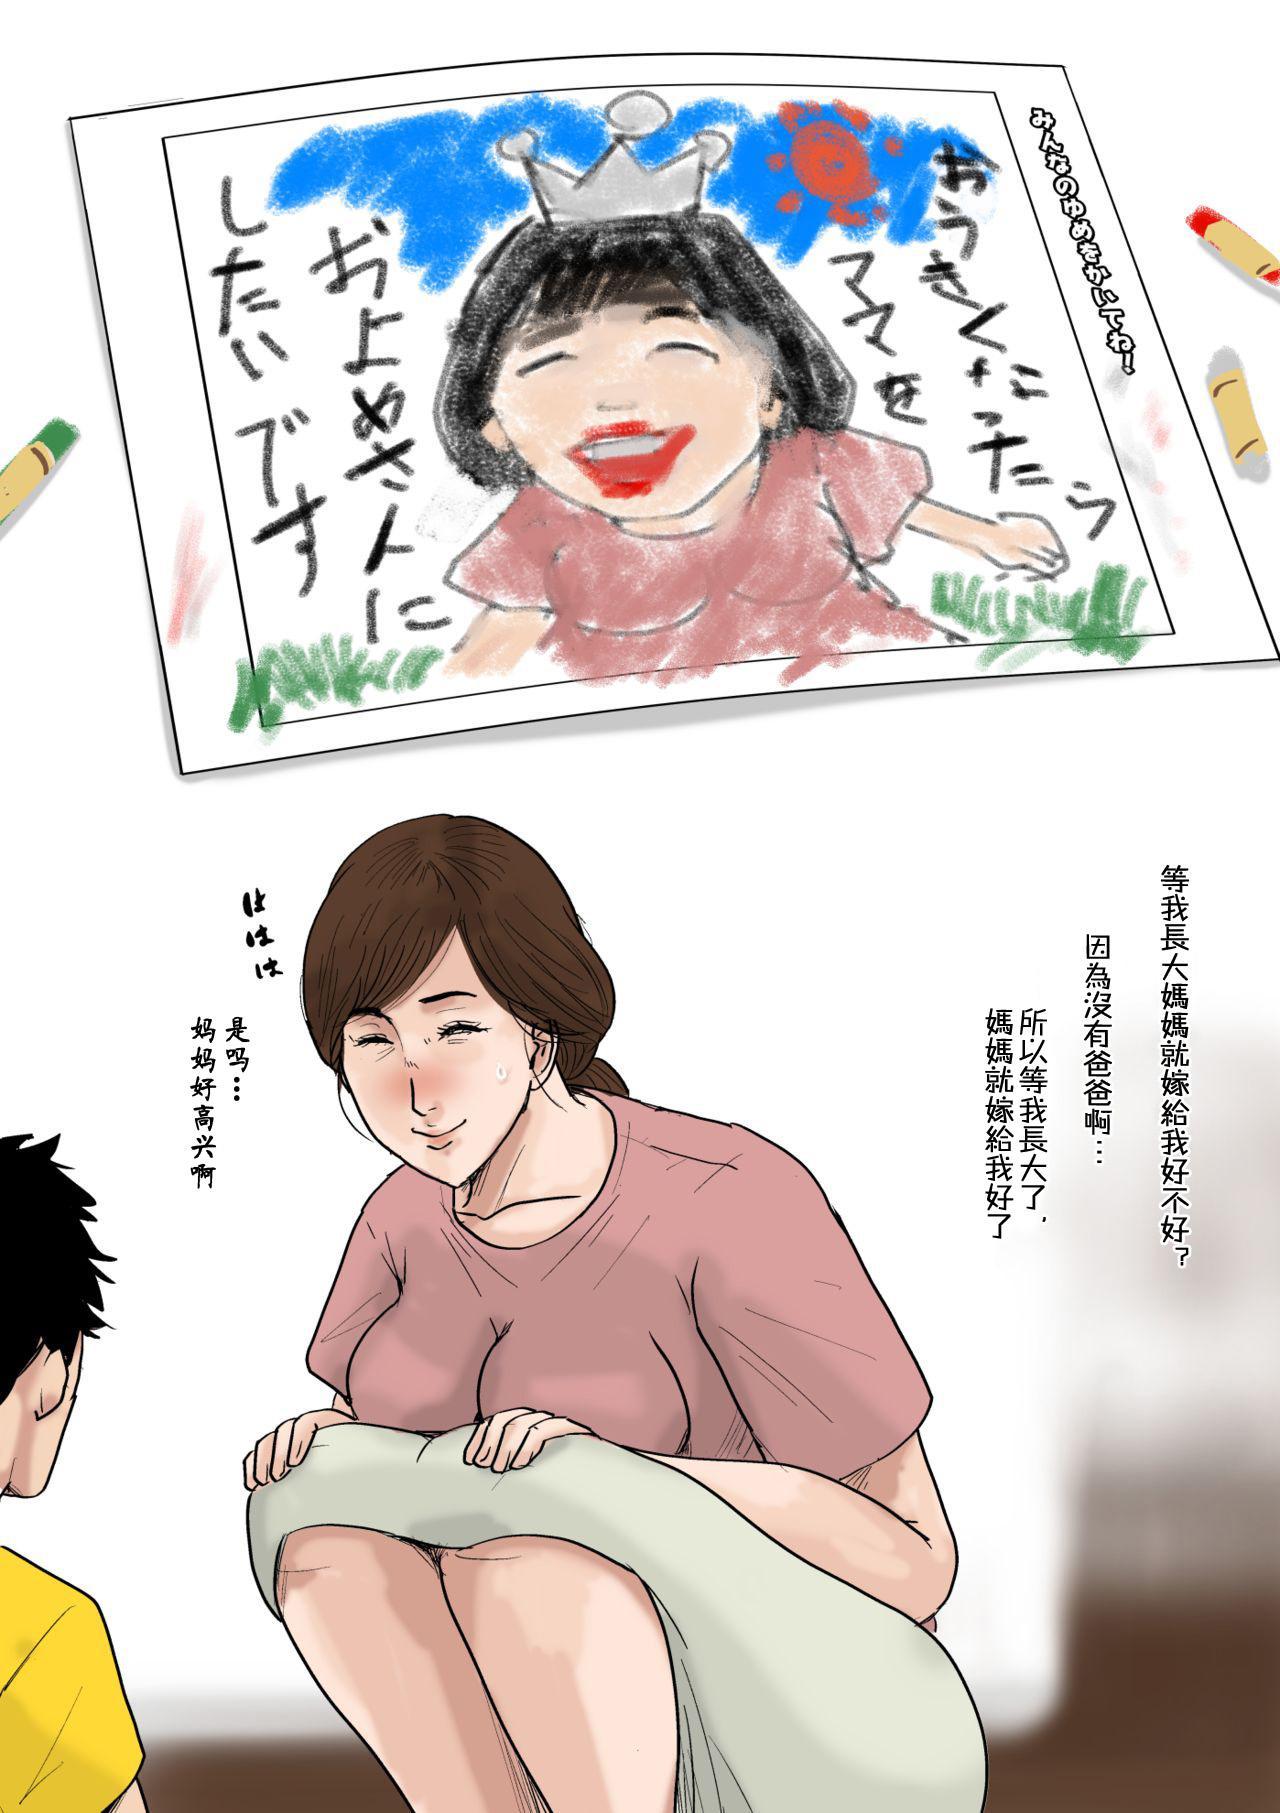 [Oozora Kaiko] Kaa-san to Ore no 20-nenshi ~Waga Ie no Kinshin Soukan Kaikoroku [Chinese] [金麦基个人汉化] 3